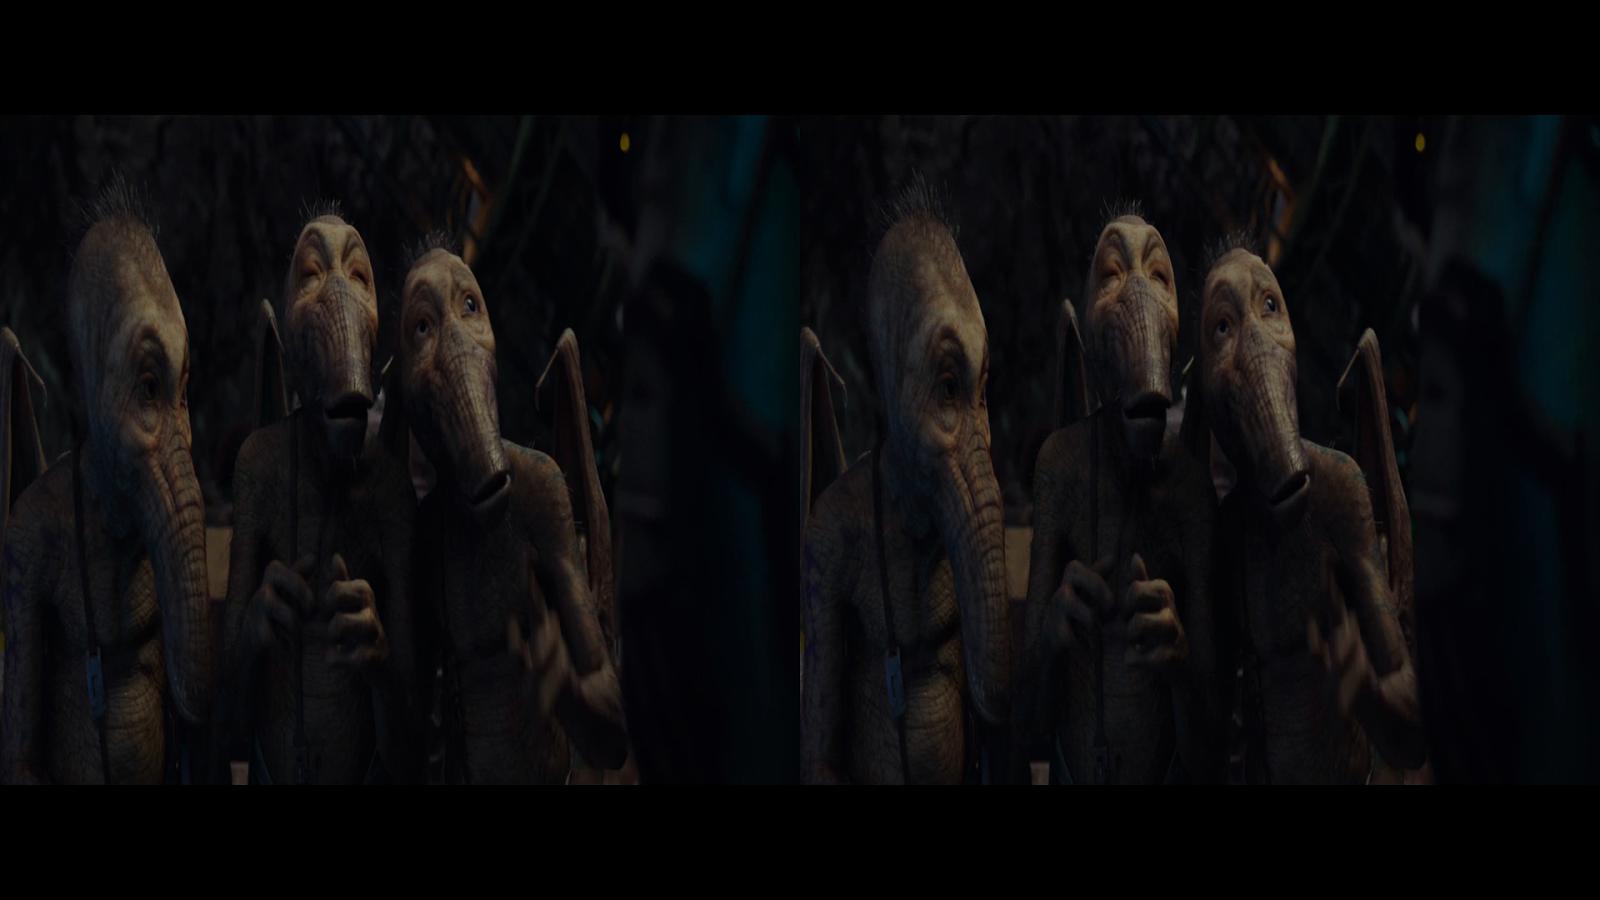 Valerian y la Ciudad de los Mil Planetas (2017) 3D SBS 1080p Latino - Ingles captura 3